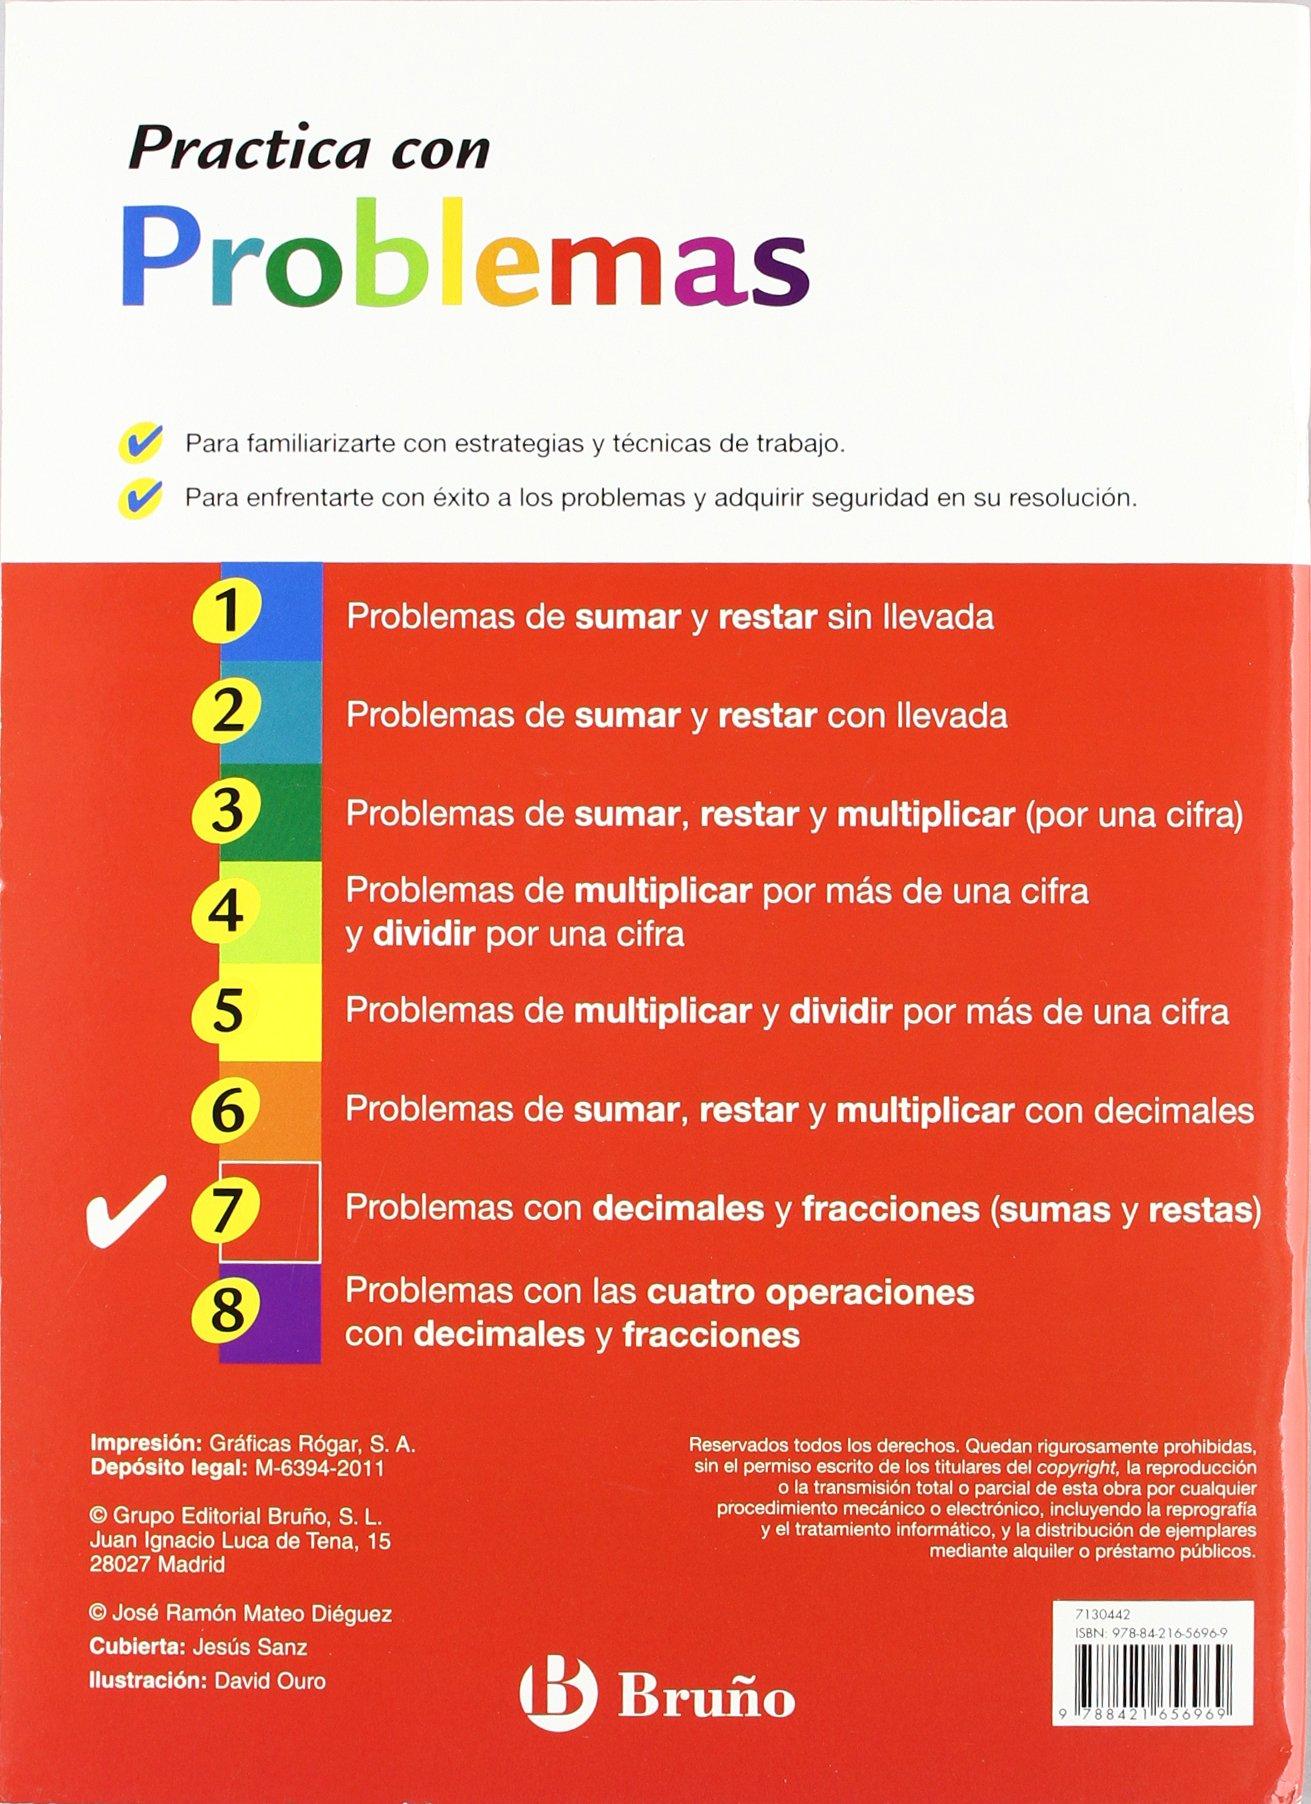 7 Practica problemas con decimales y fracciones sumas y restas Castellano -  Material Complementario - Practica Con Problemas - 9788421656969:  Amazon.es: ...